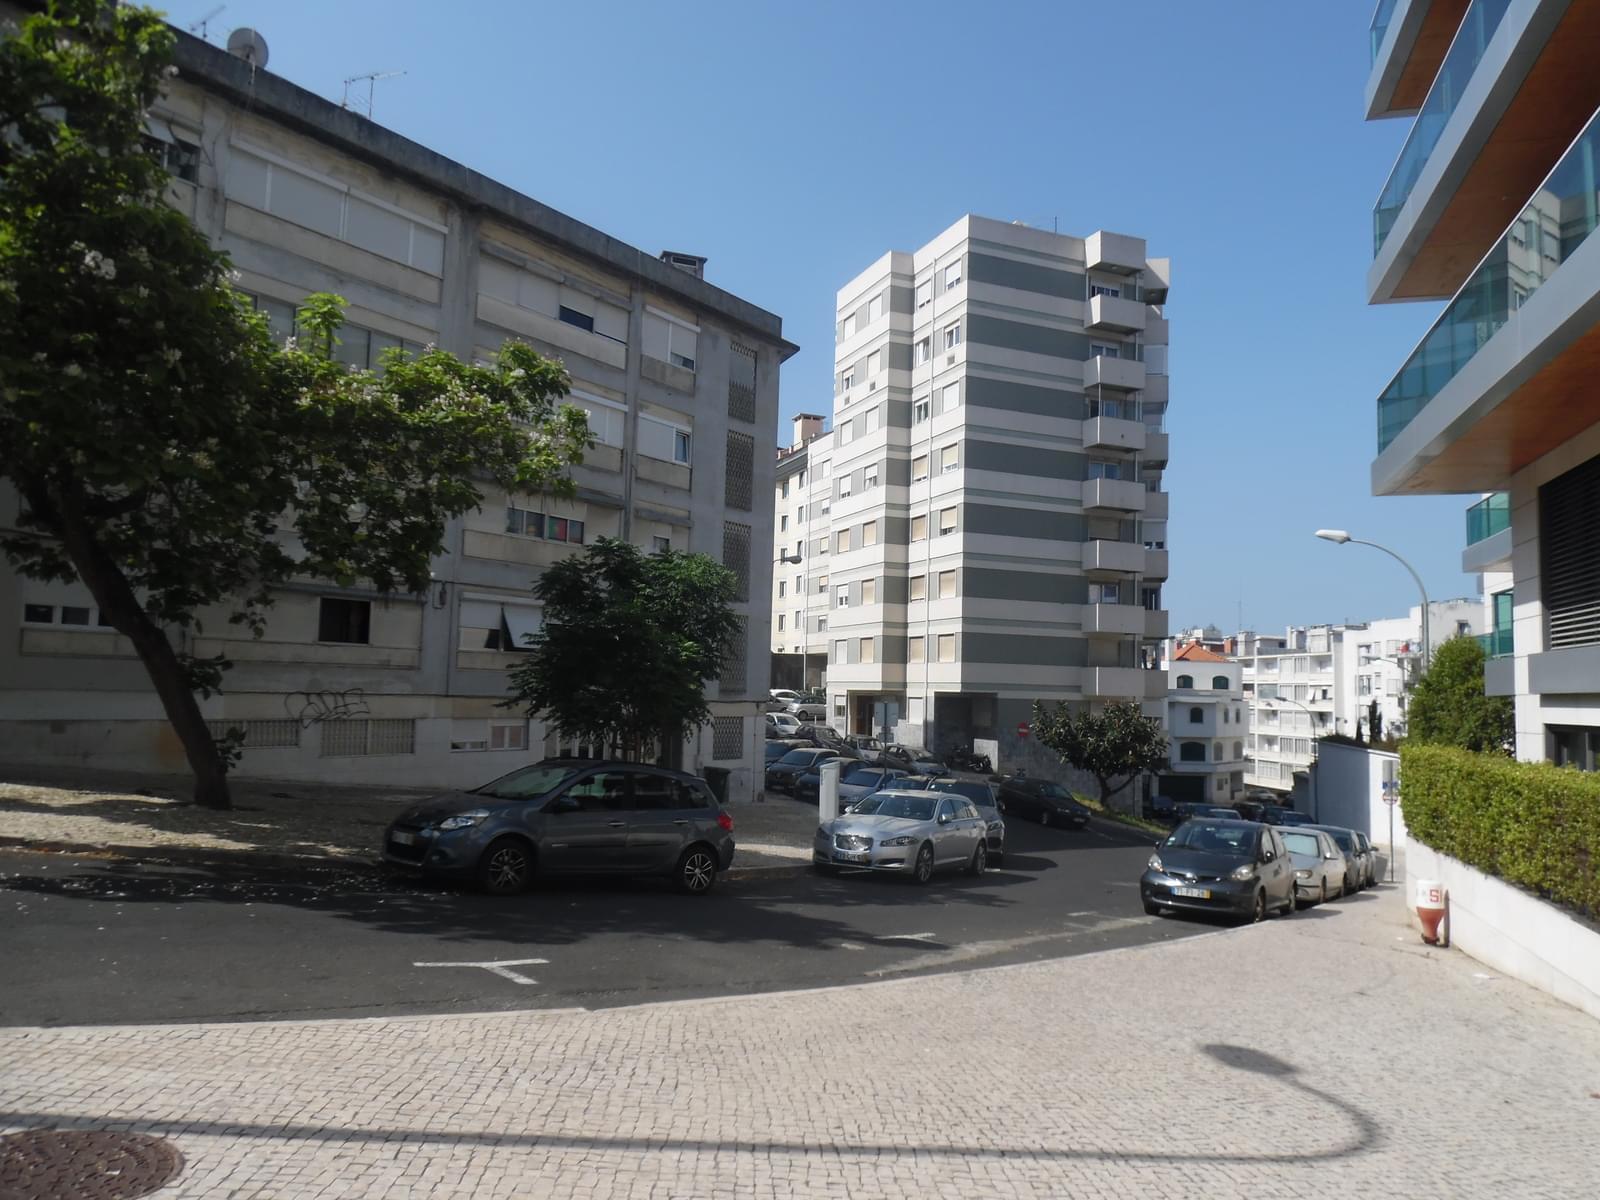 pf17621-apartamento-t4-lisboa-471cfc8d-3ed6-4aec-b437-877cb88794fc